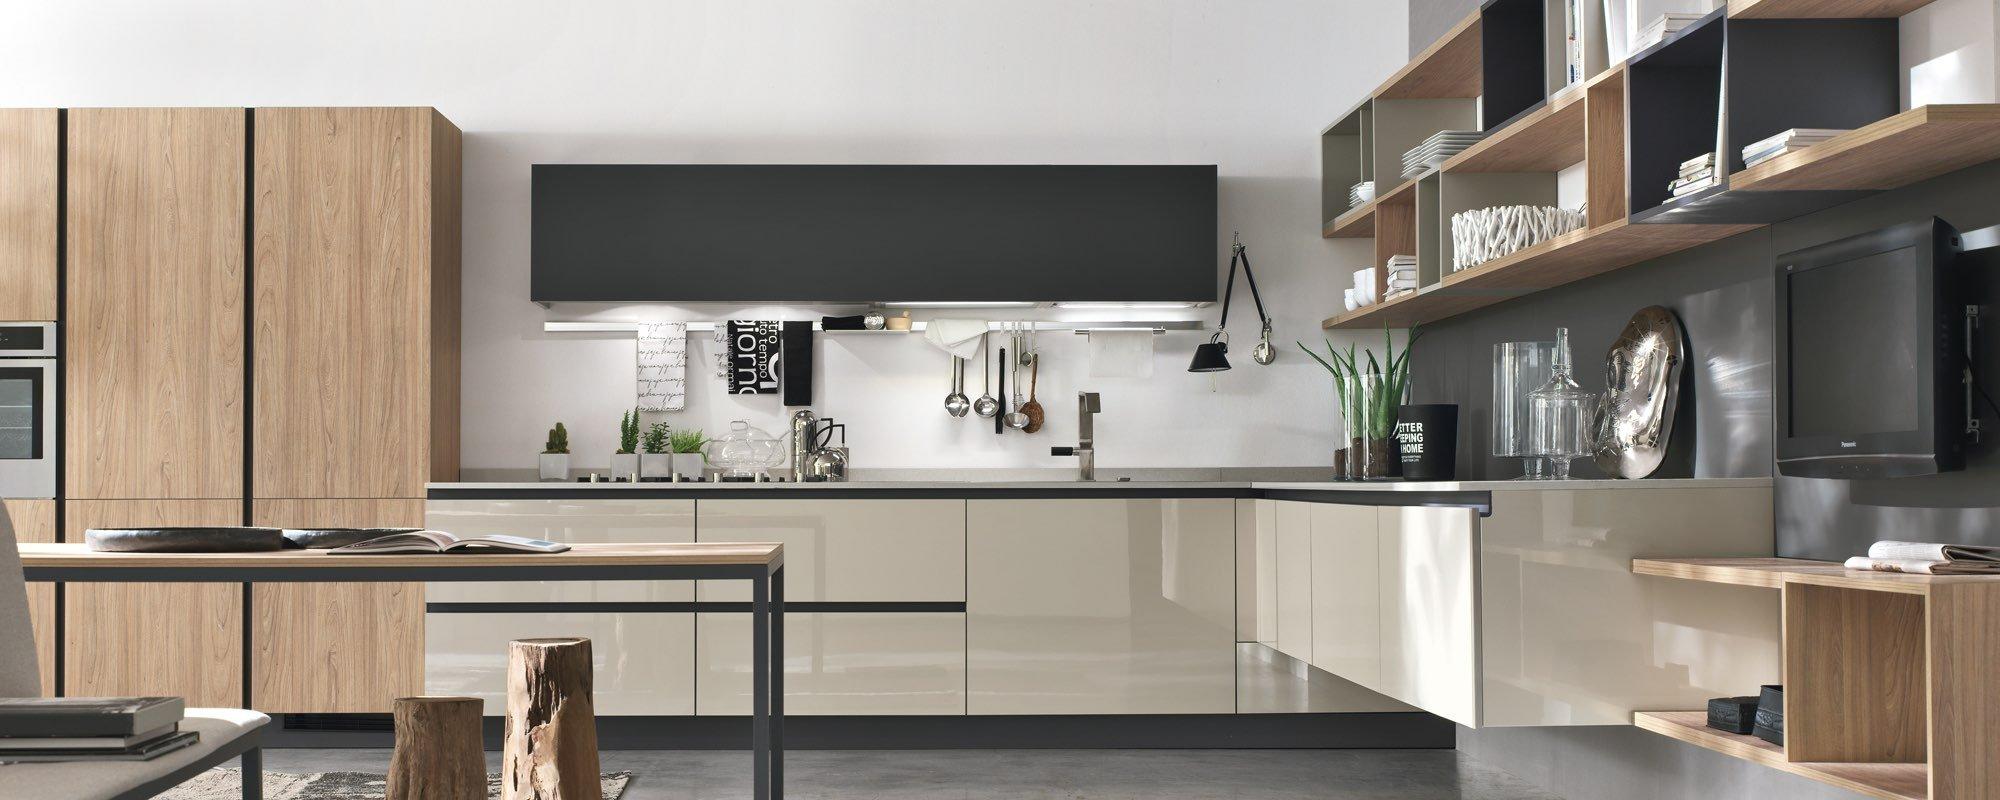 cucina moderna in legno con scaffali attaccato su parete, armadio in legno e tavolo -Aleve